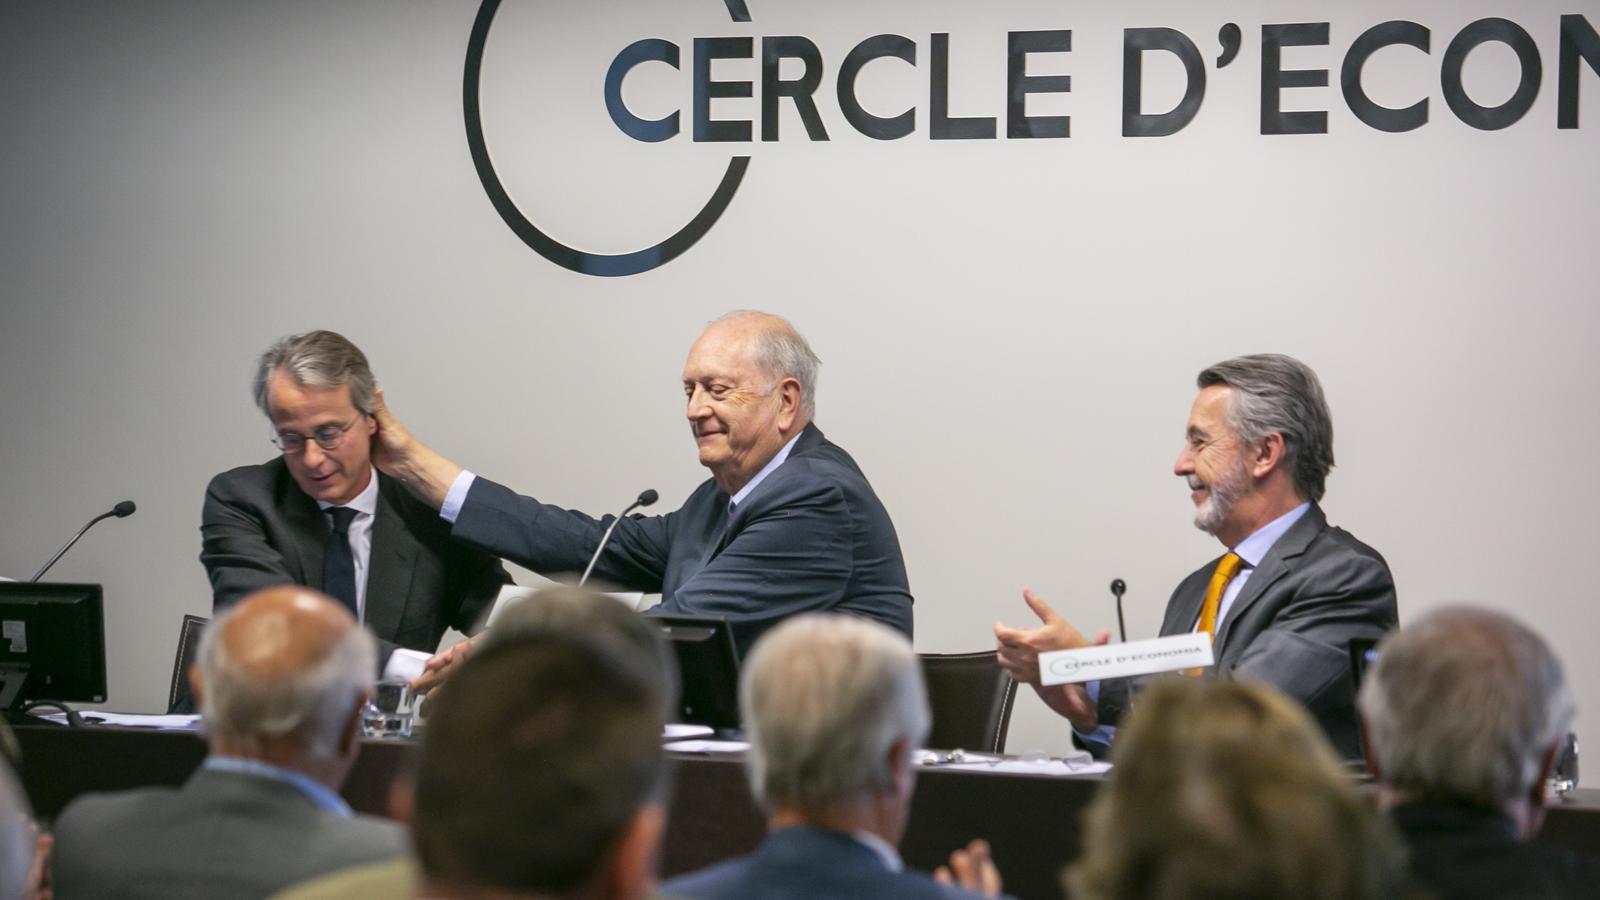 El nou president del Cercle, Javier Faus, a l'esquerra, rebent la salutació del president sortint, Juan José Brugera.